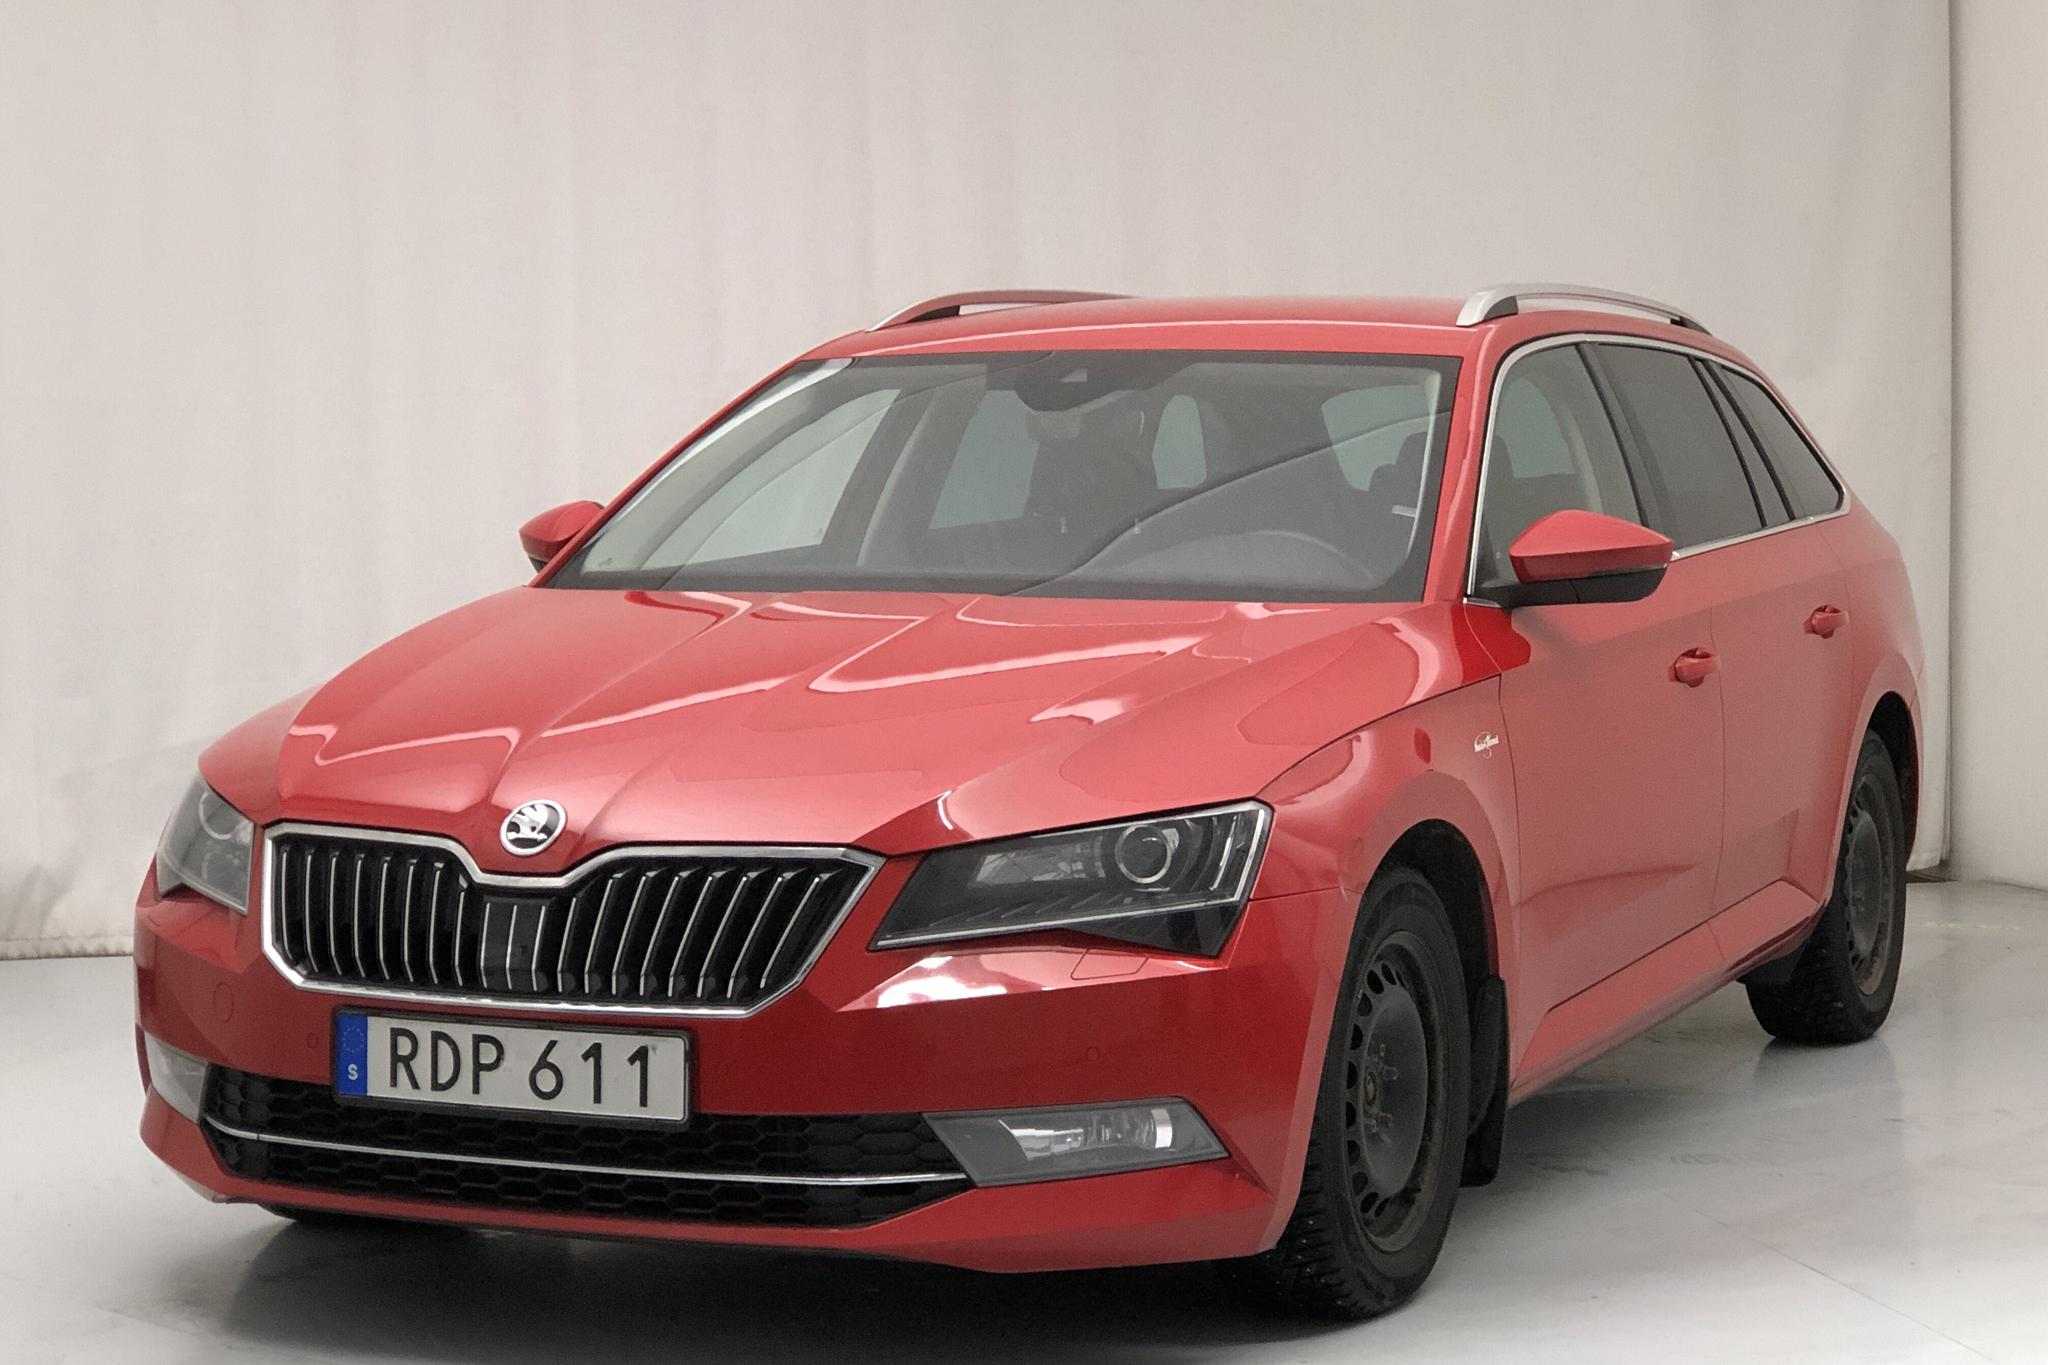 Skoda Superb 2.0 TDI 4x4 Kombi (190hk) - 12 398 mil - Automat - röd - 2016